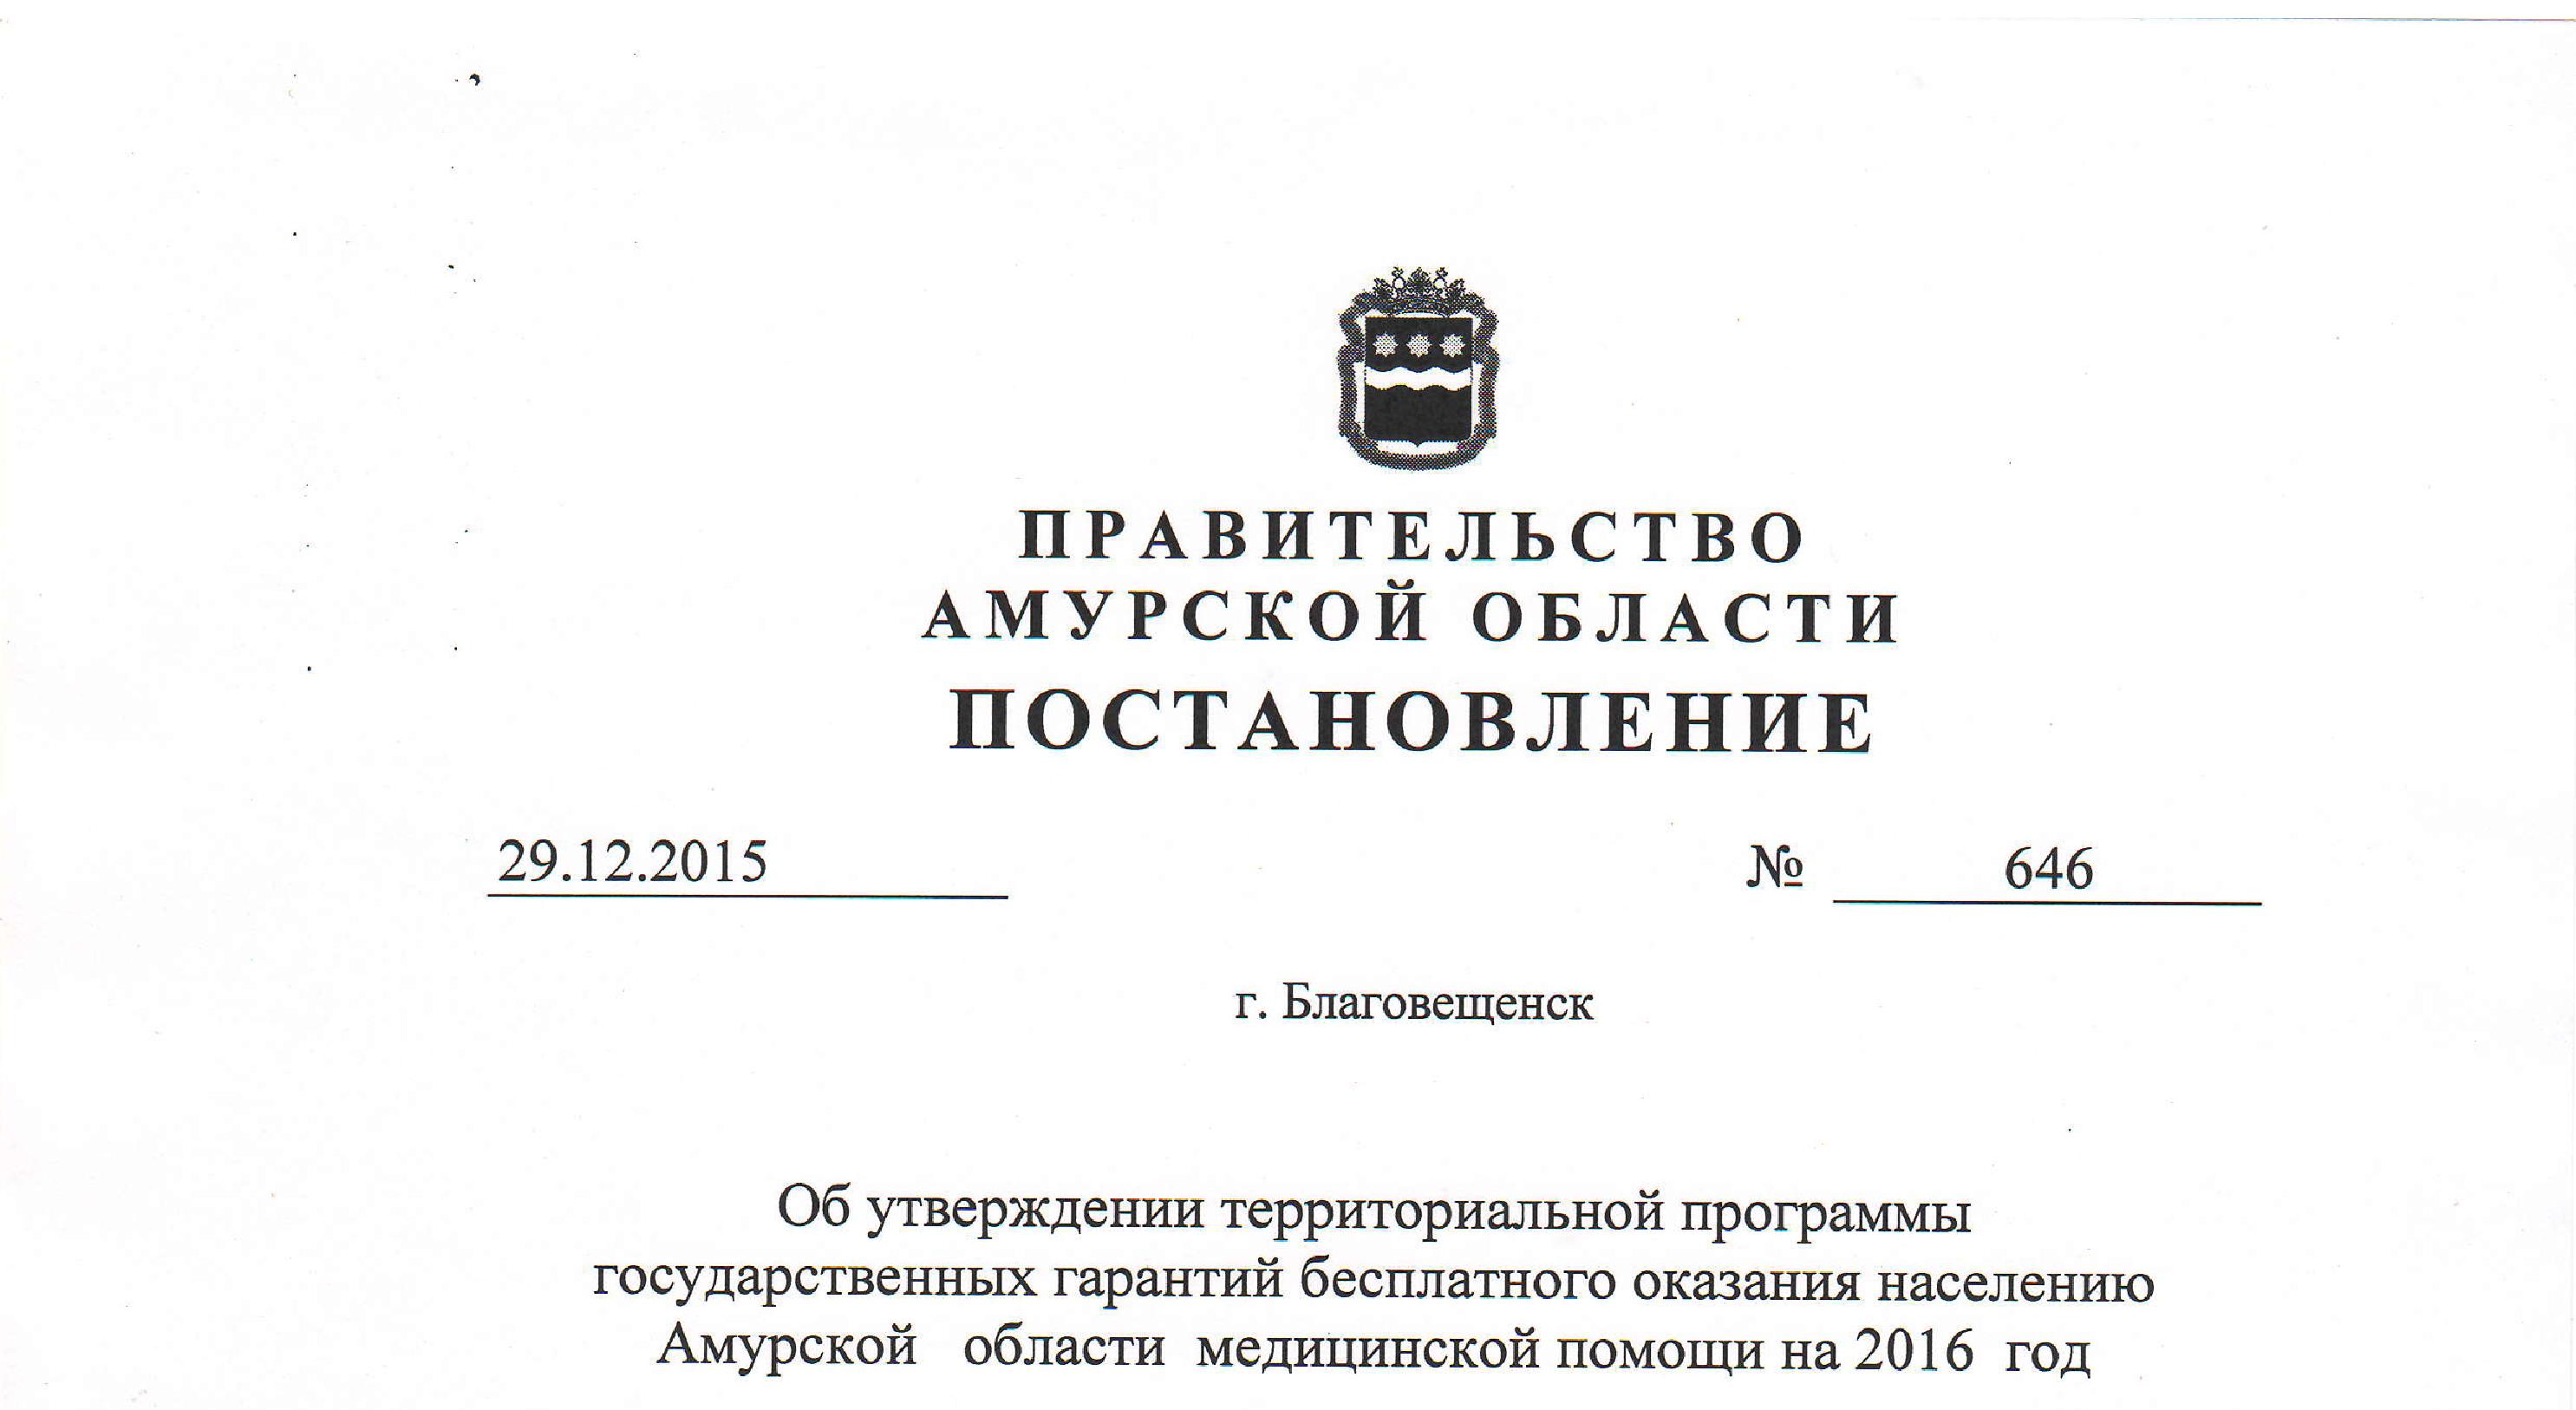 Скачать программе государственных гарантий оказания гражданам рф й медицинской помощи на 2013